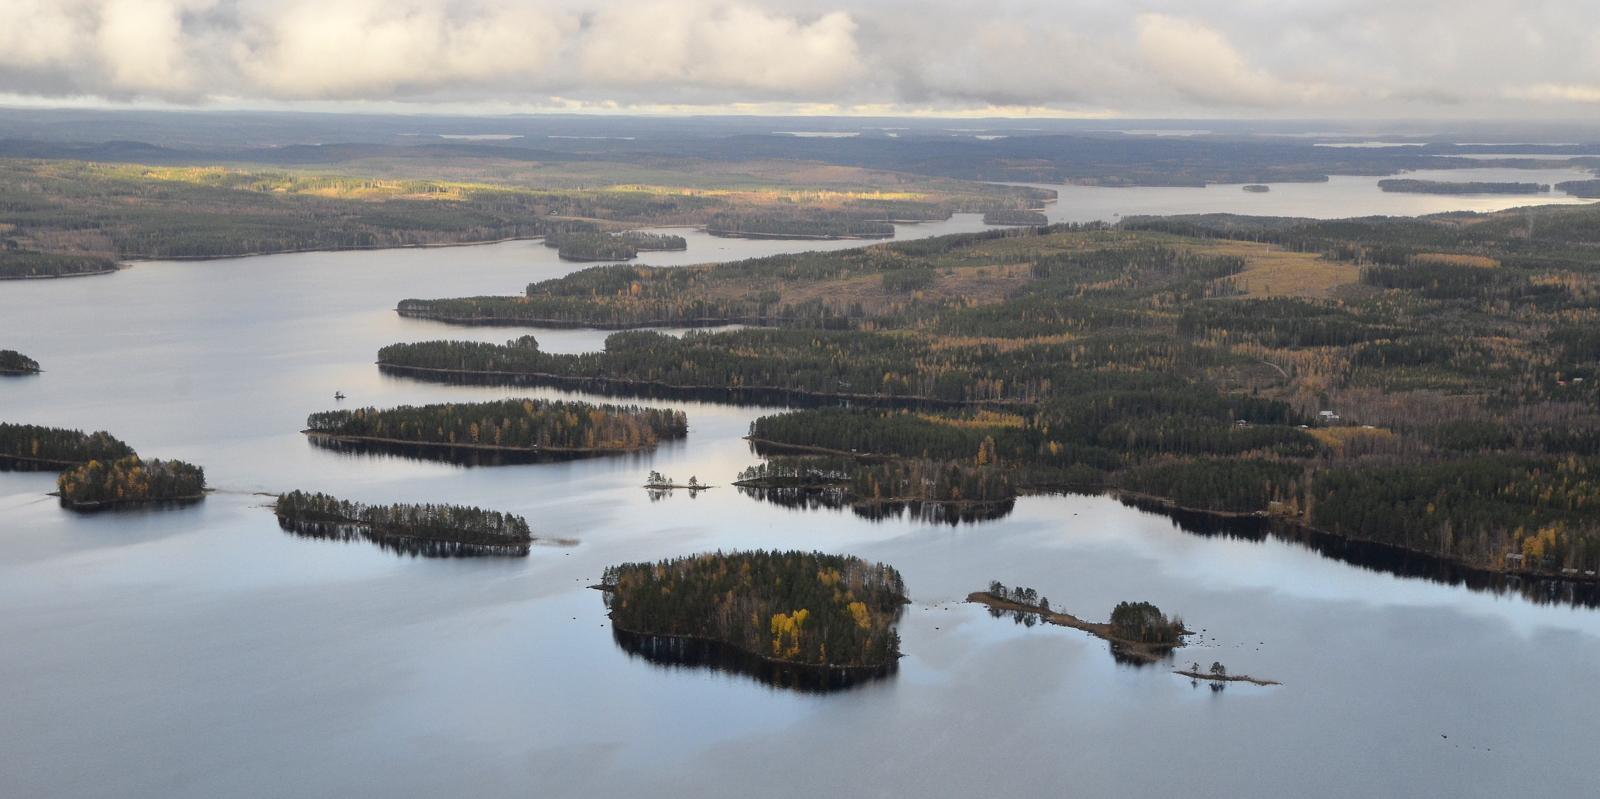 Ruotinkylän kupeella, Ääneselän puoleisia saaria. Oikealla näkyy Ukonselkää, jonne suuntaan lentoni.